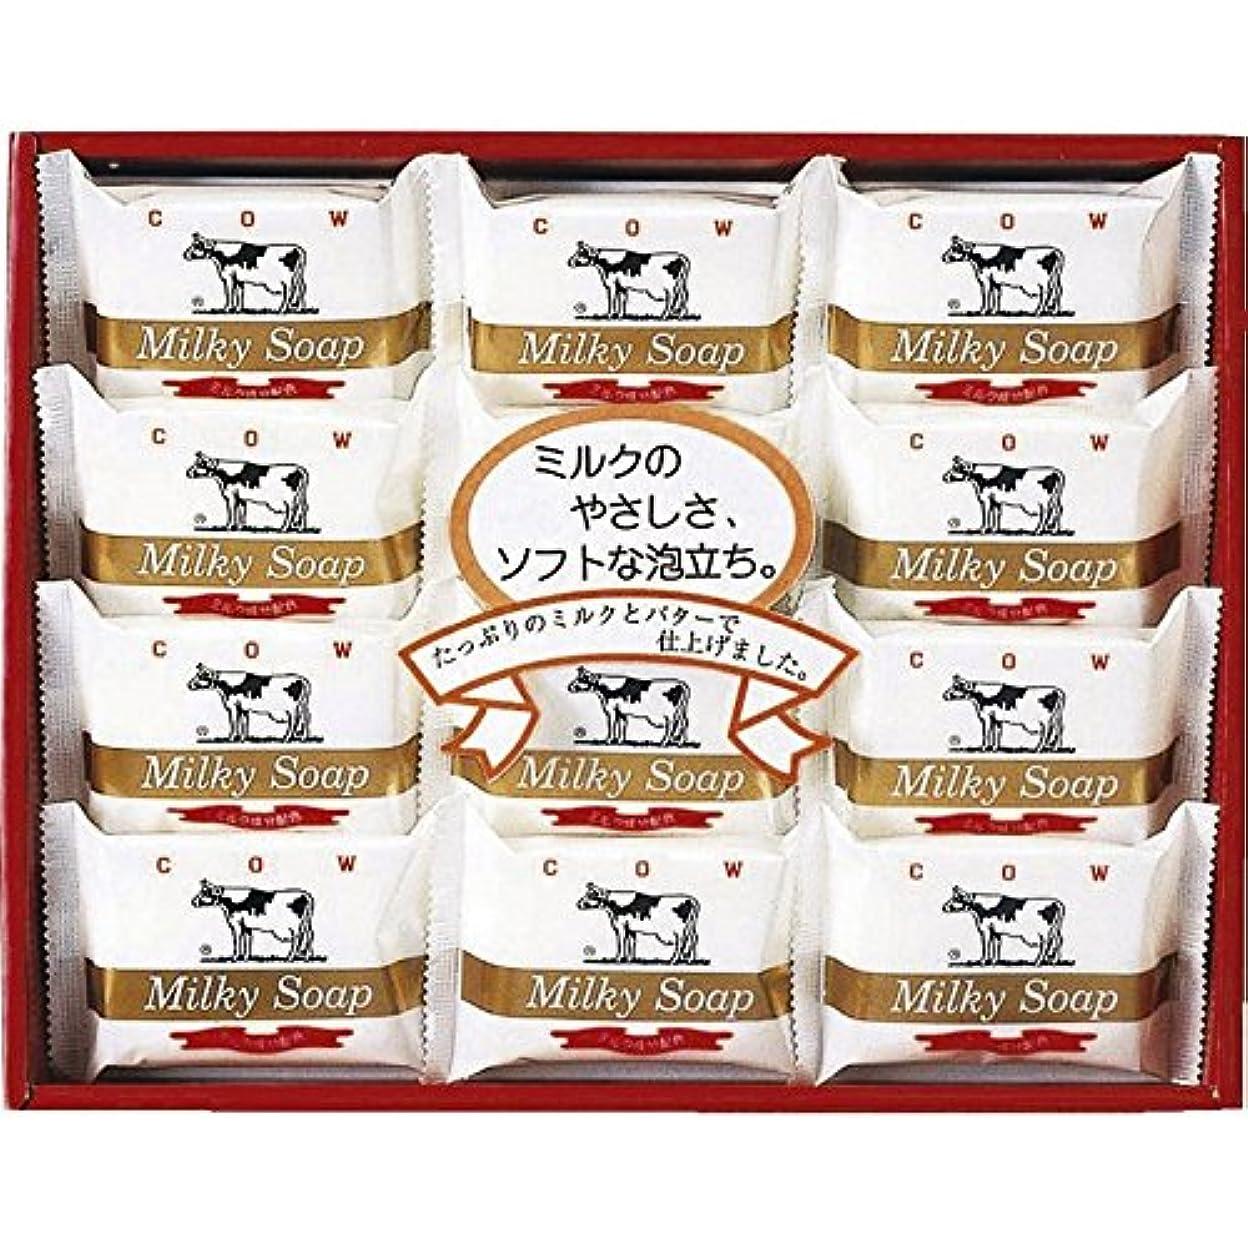 バター策定する決めます牛乳石鹸 ゴールドソープセット AG-15M 【せっけん 石けん 石鹸 いい香り うるおい 個包装 洗う 美容 あらう ギフト プレゼント 詰め合わせ 良い香り 全身洗える お風呂 バスタイム セット 洗顔】